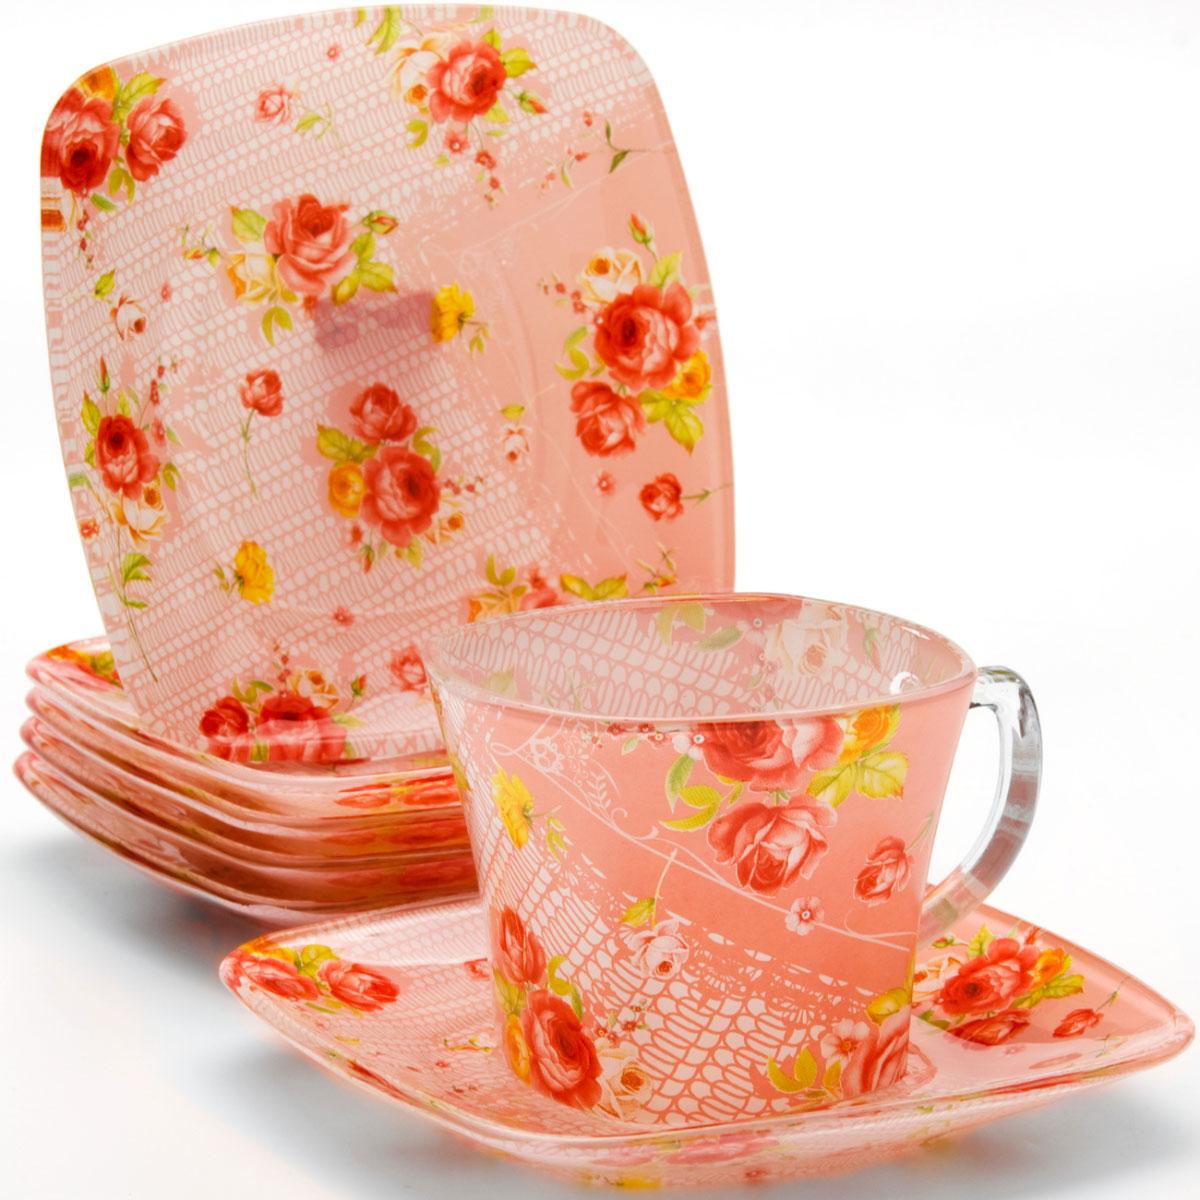 Набор чайный Loraine, 12 предметов. 2412824128Чайный набор, выполненный из высококачественного прочного стекла, состоит из шести чашек и шести блюдец. Изделия декорированы изящным изображением цветов. Элегантный дизайн и совершенные формы предметов набора привлекут к себе внимание и украсят интерьер вашей кухни. Набор идеально подойдет для сервировки стола и станет отличным подарком к любому празднику. Подходит как для горячих, так и для холодных напитков. Объем чашки: 200 мл.